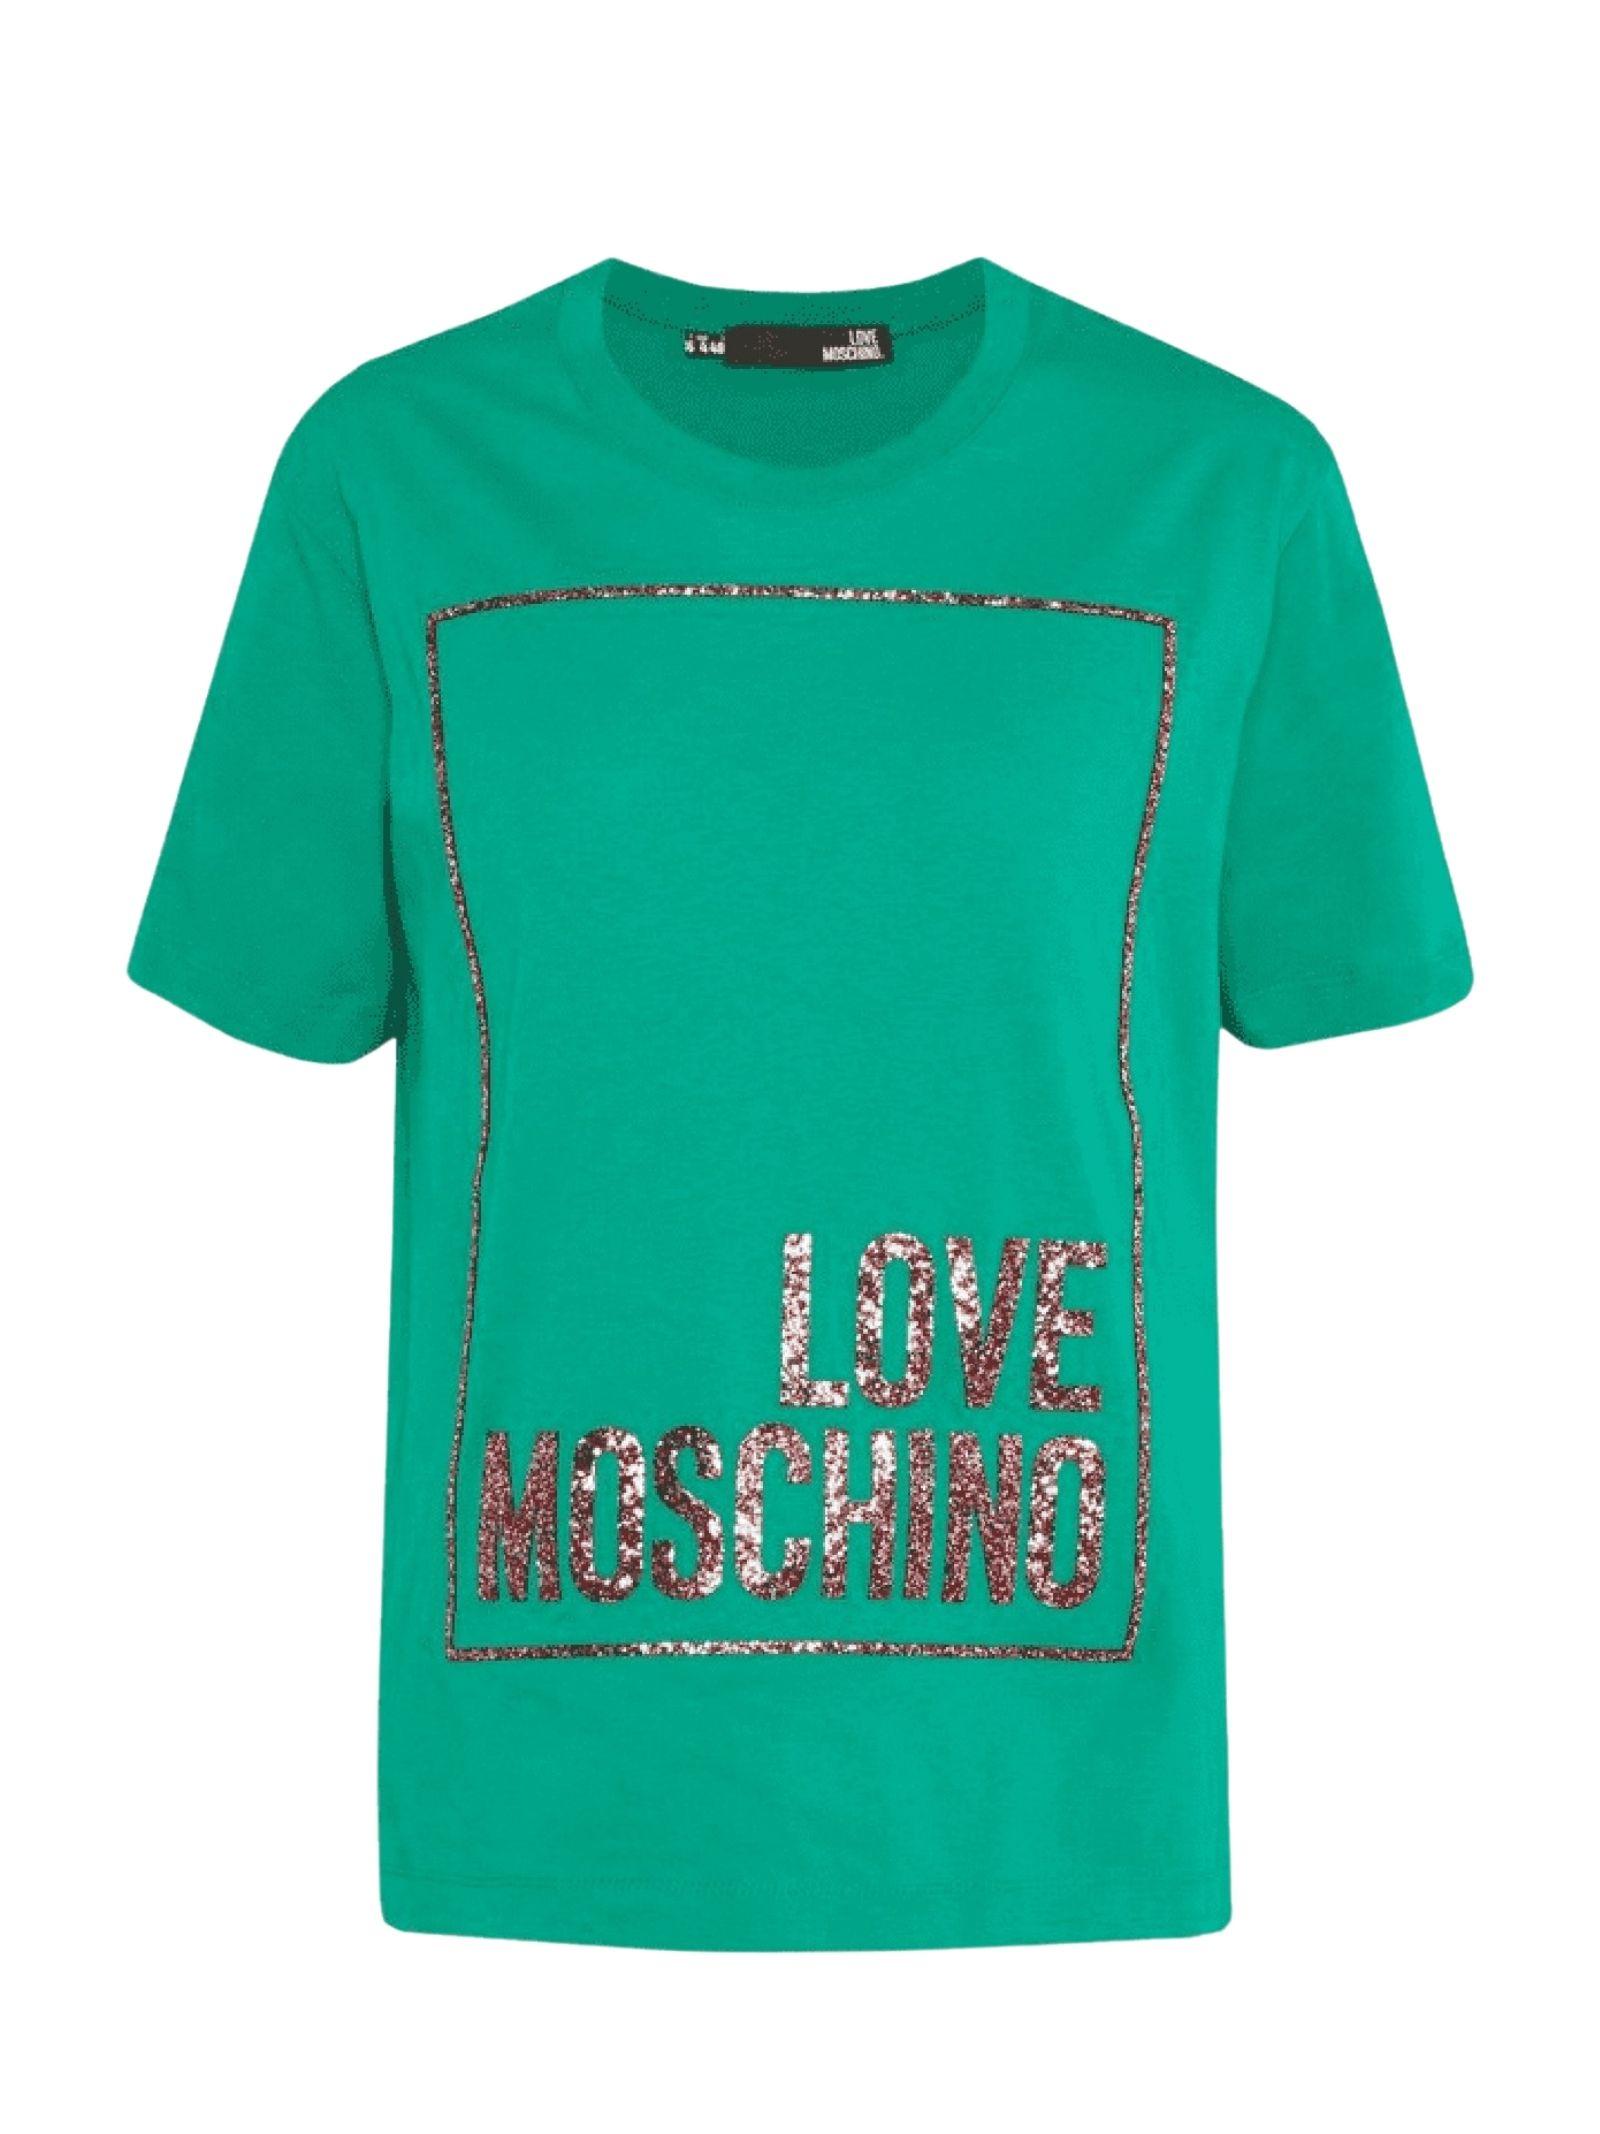 MOSCHINO LOVE   T-shirt   W 4 H06 05 M 3876S60